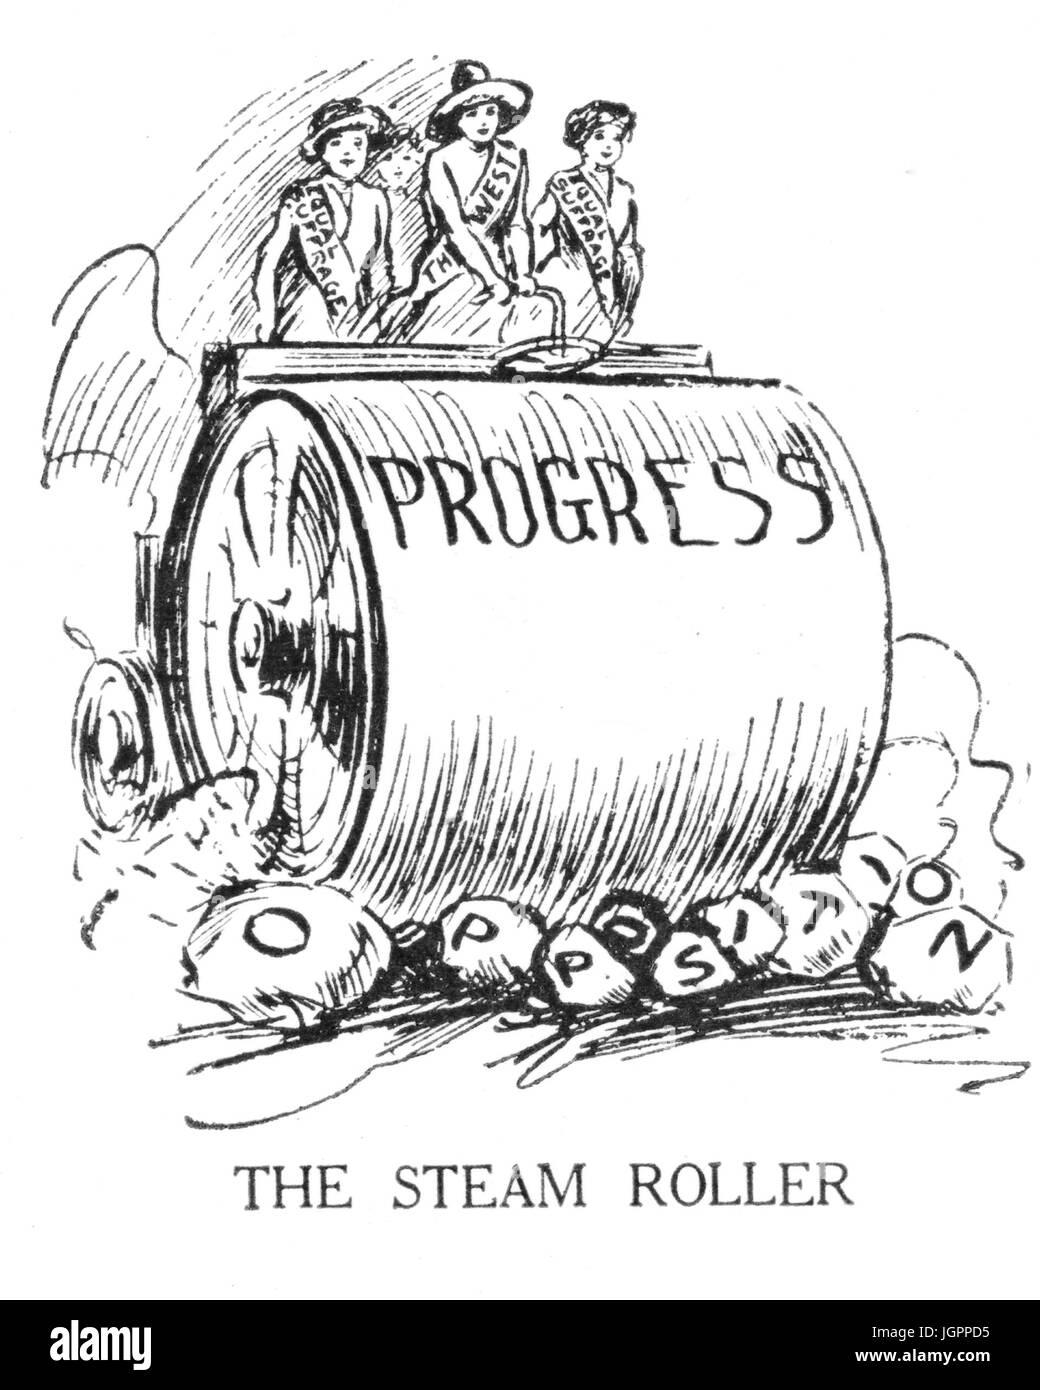 Le rouleau à vapeur suffragettes américaines sur une machine à vapeur d'écraser l'opposition Photo Stock